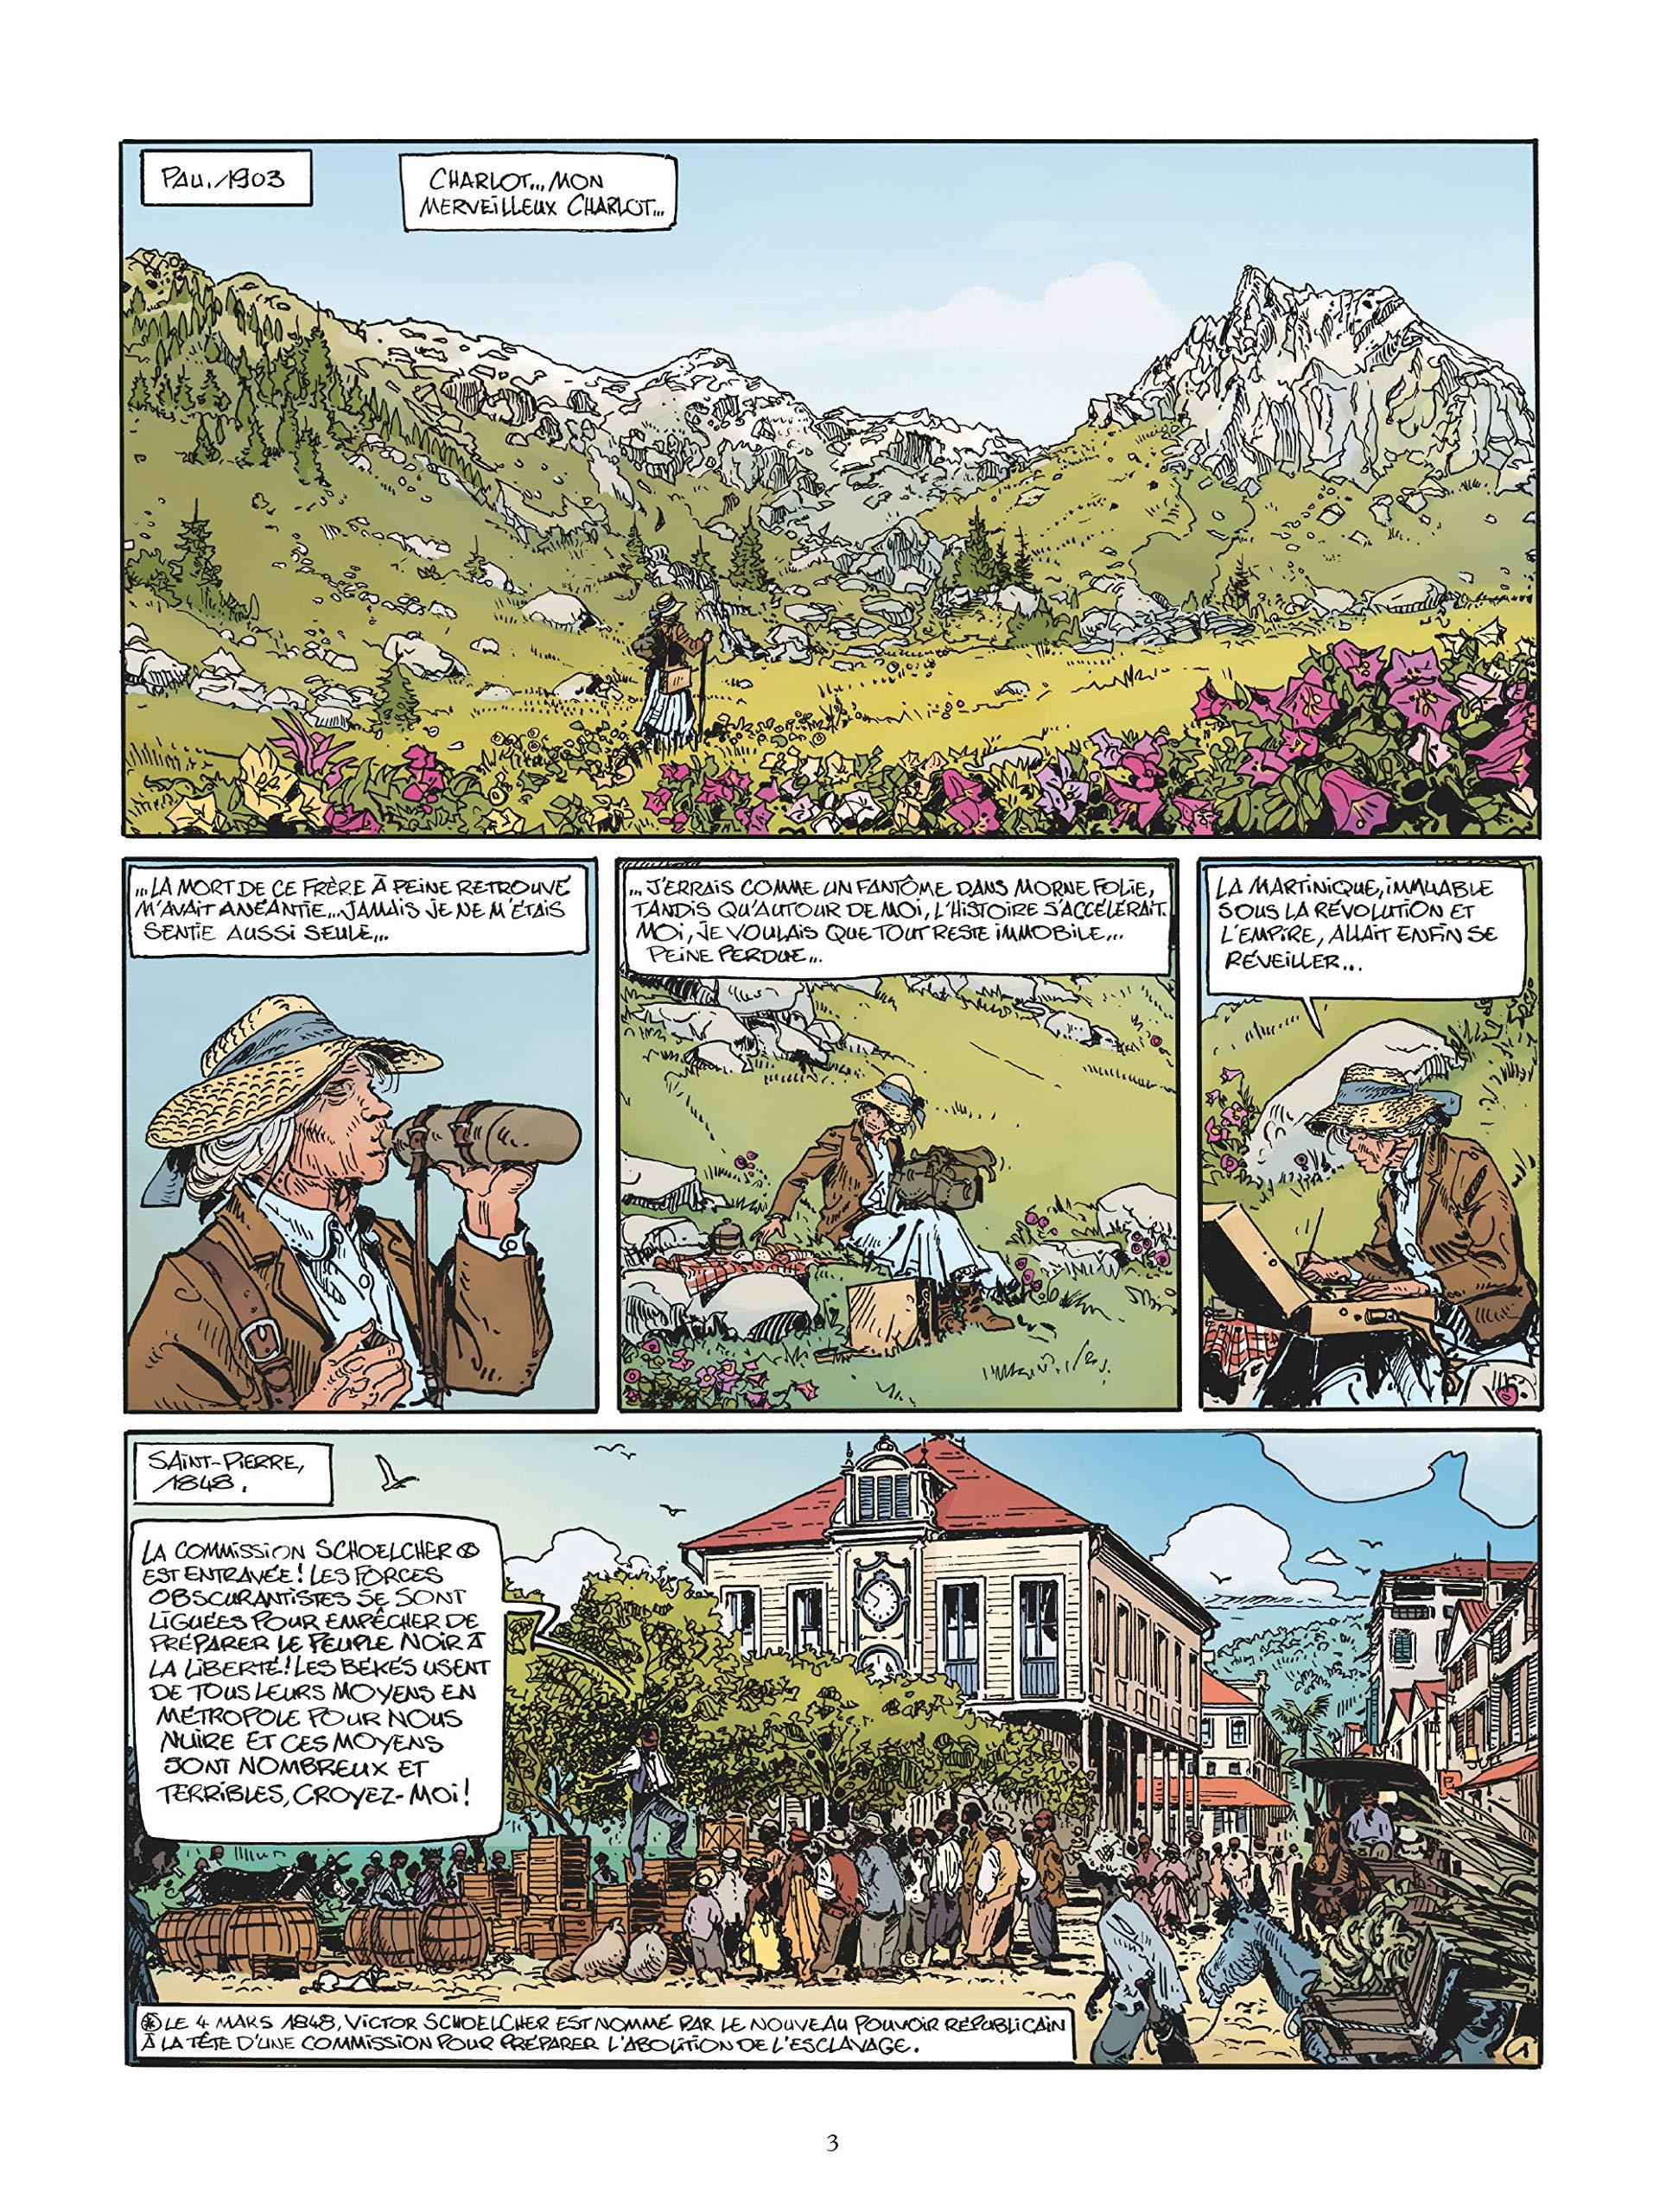 Les maîtres des îles, planche du tome 3 © Glénat / Mezzomo / Piatzszek / Labriet